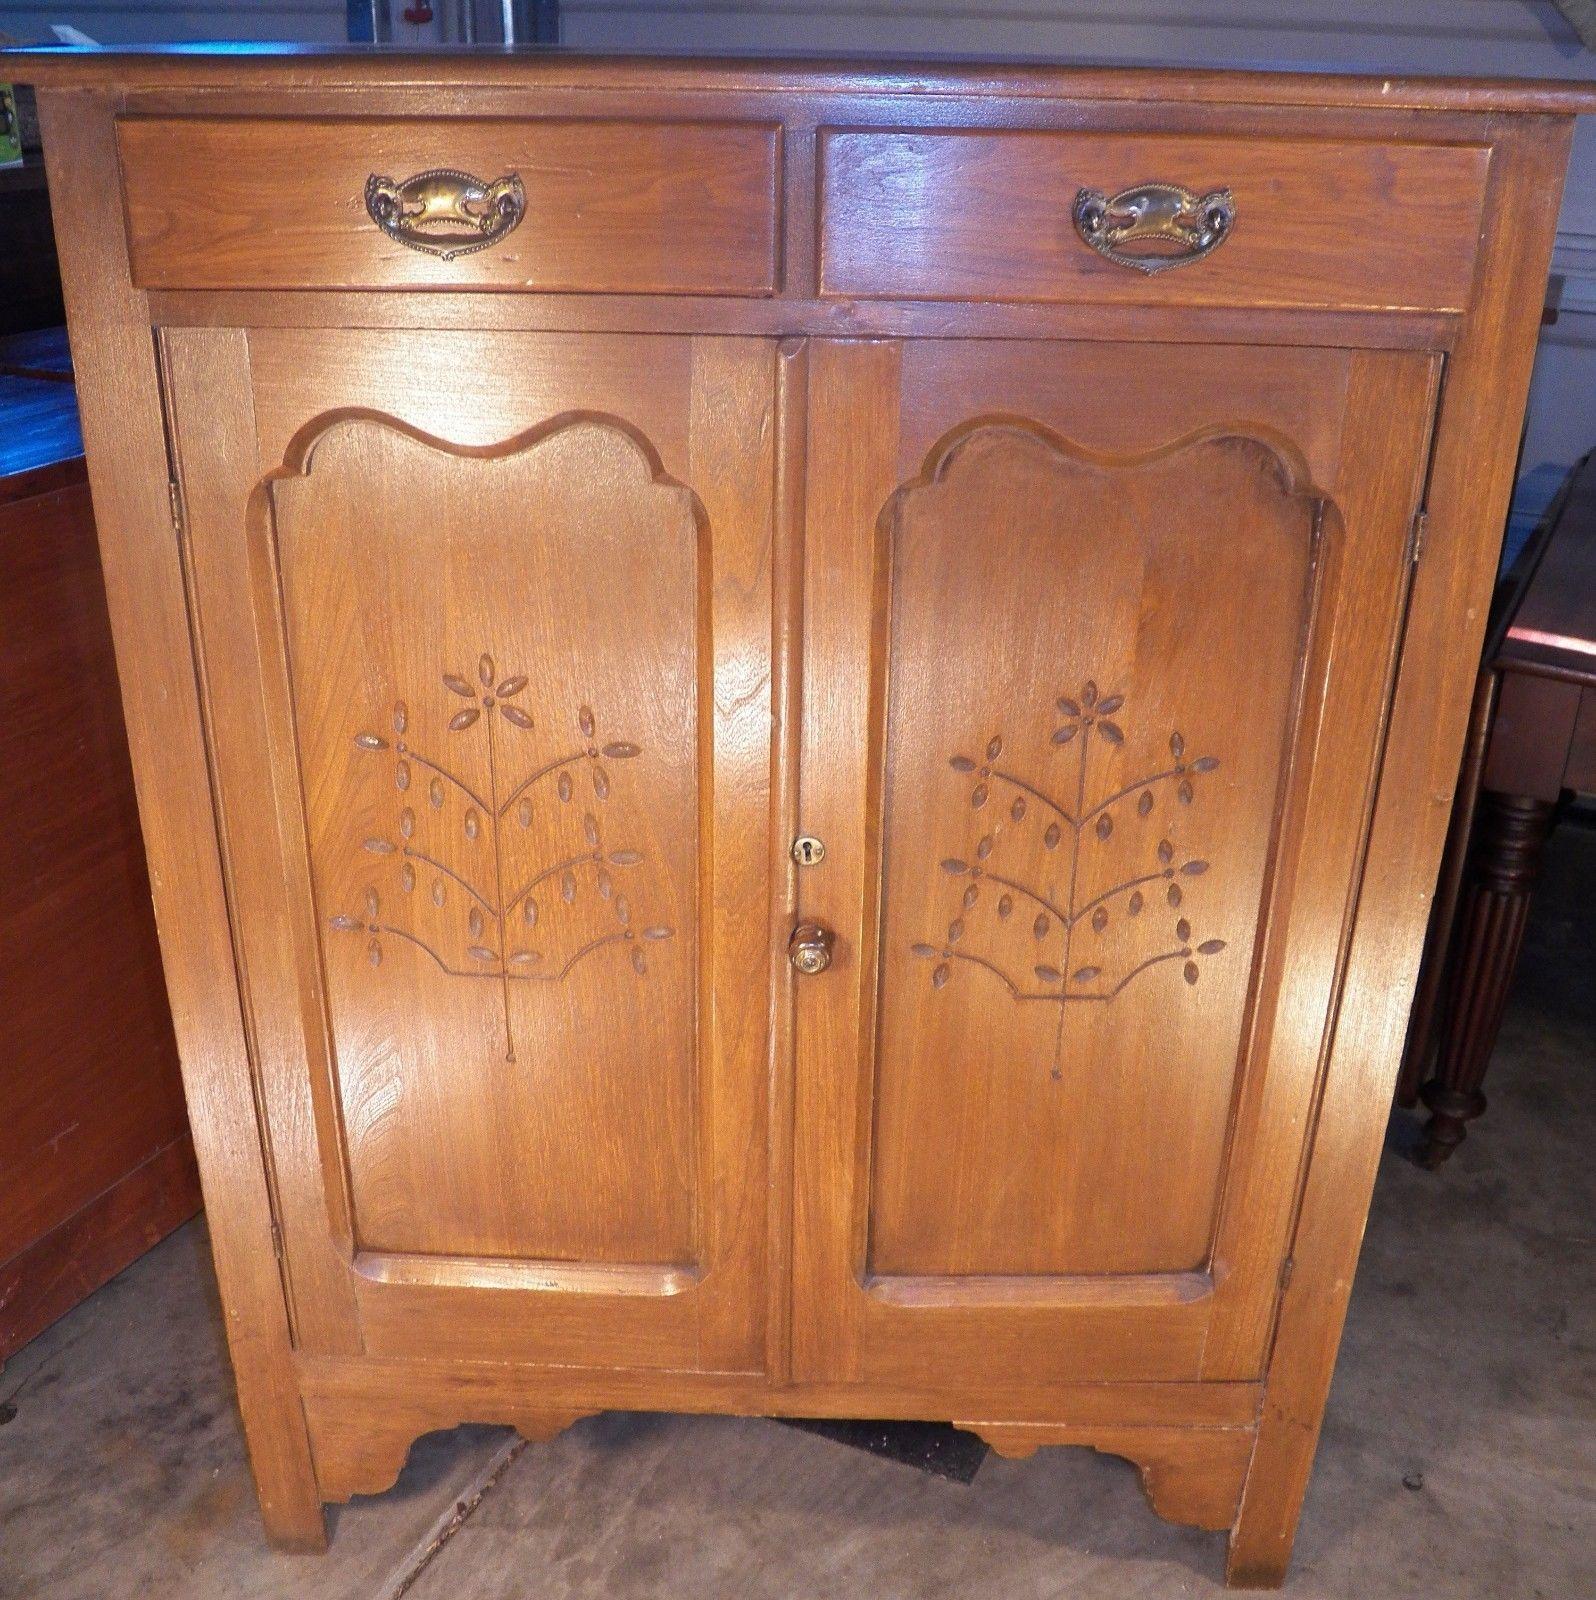 1880's Pie Safe Jelly Cupboard Cabinet Primitive Antique Farm kitchen   eBay - 1880's Pie Safe Jelly Cupboard Cabinet Primitive Antique Farm